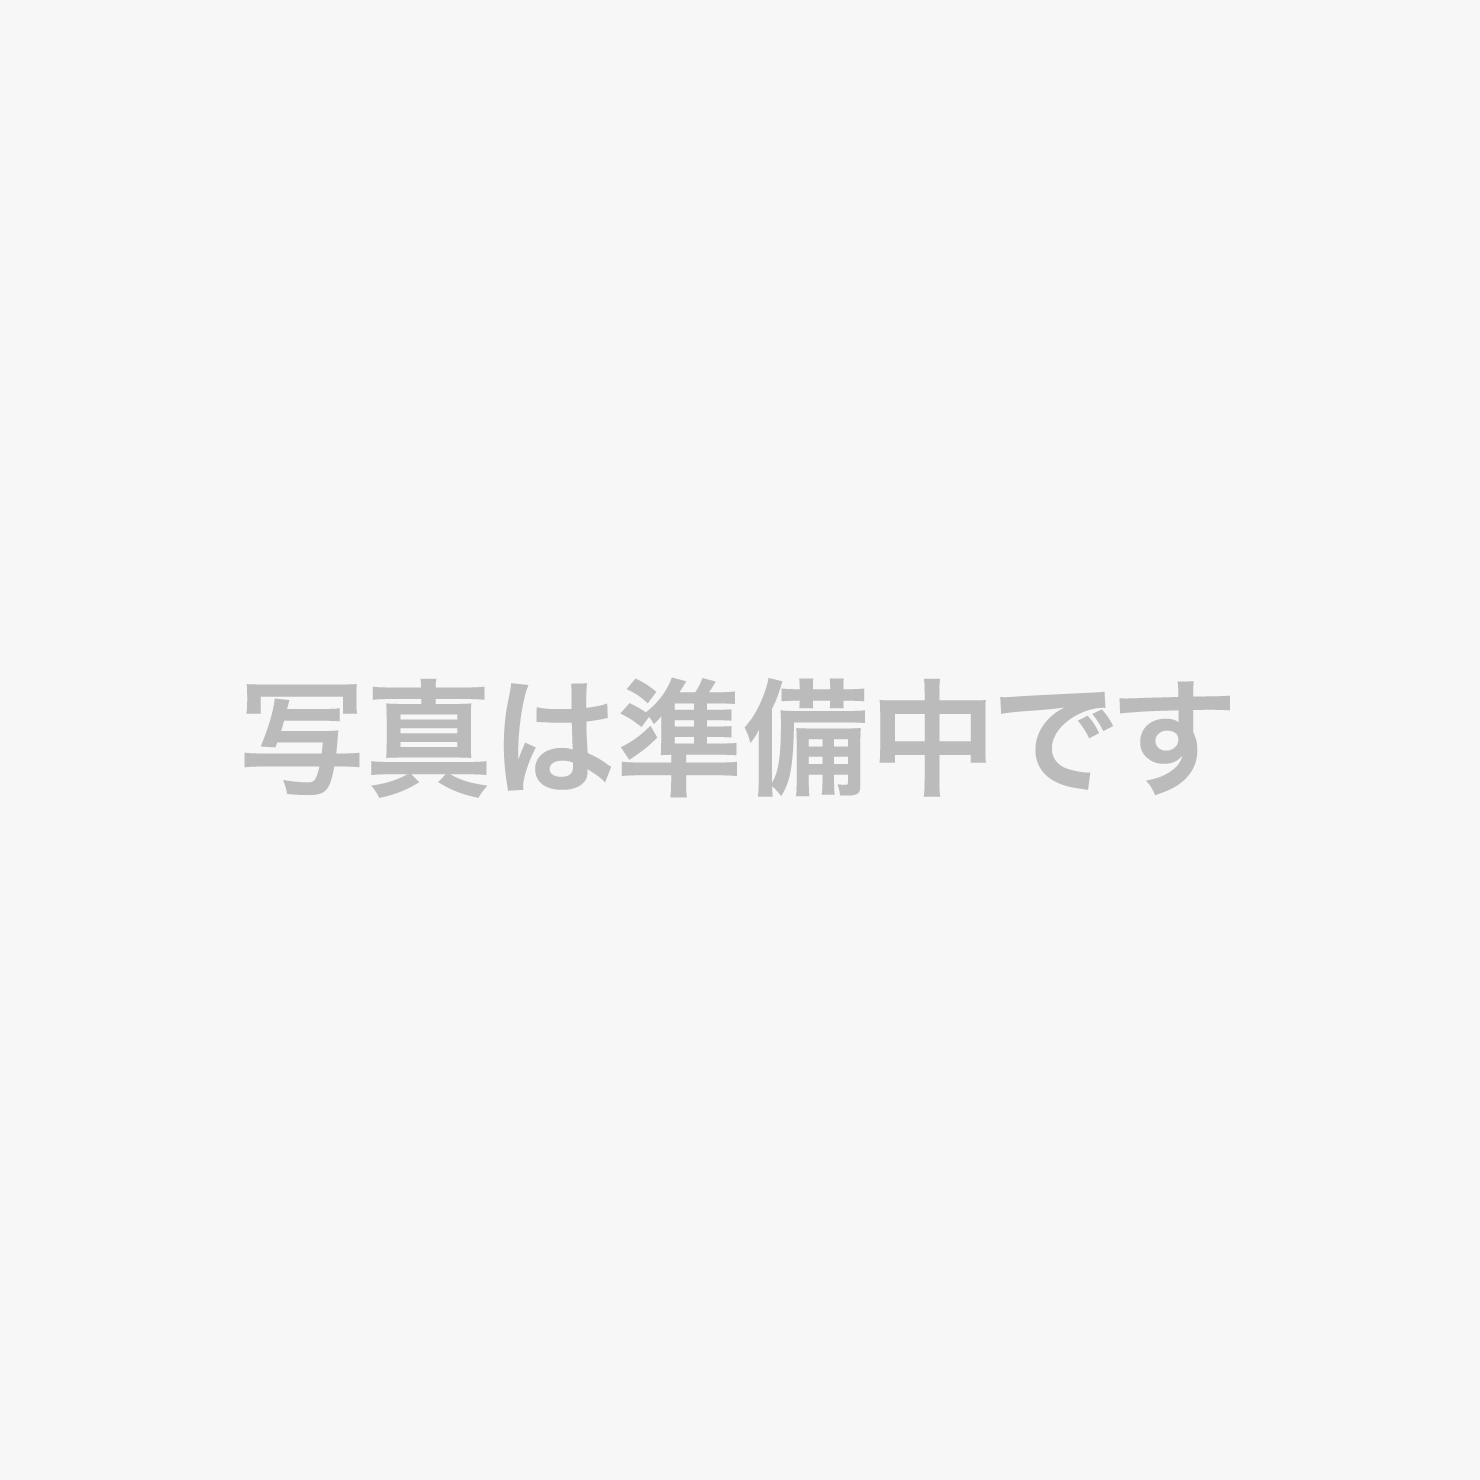 煮物替り:瀬戸内牛利久鍋